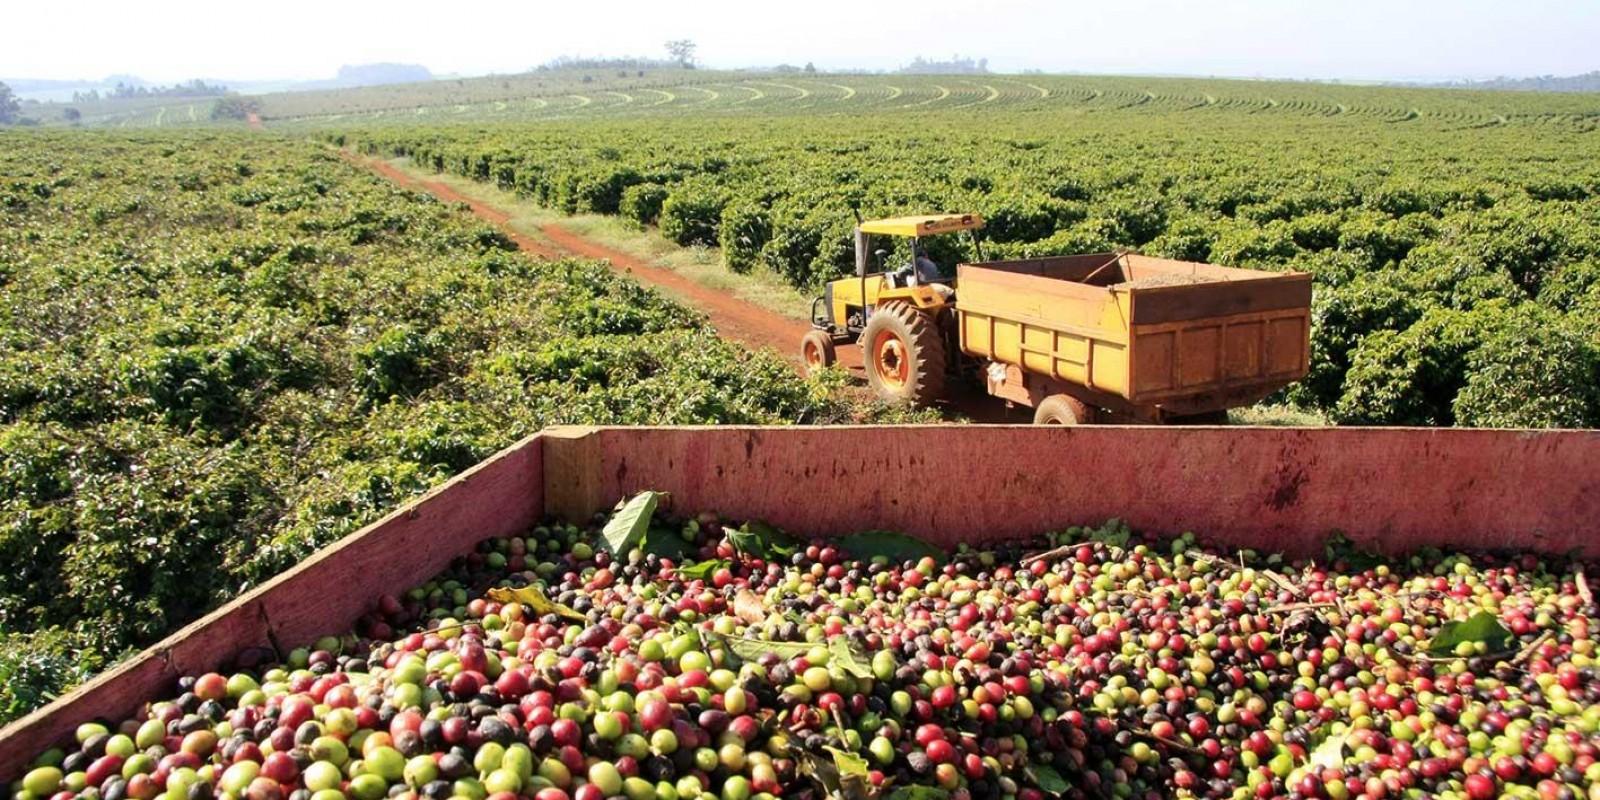 Embarque de café verde do país cresce 27,5% em julho apesar de problemas com navios